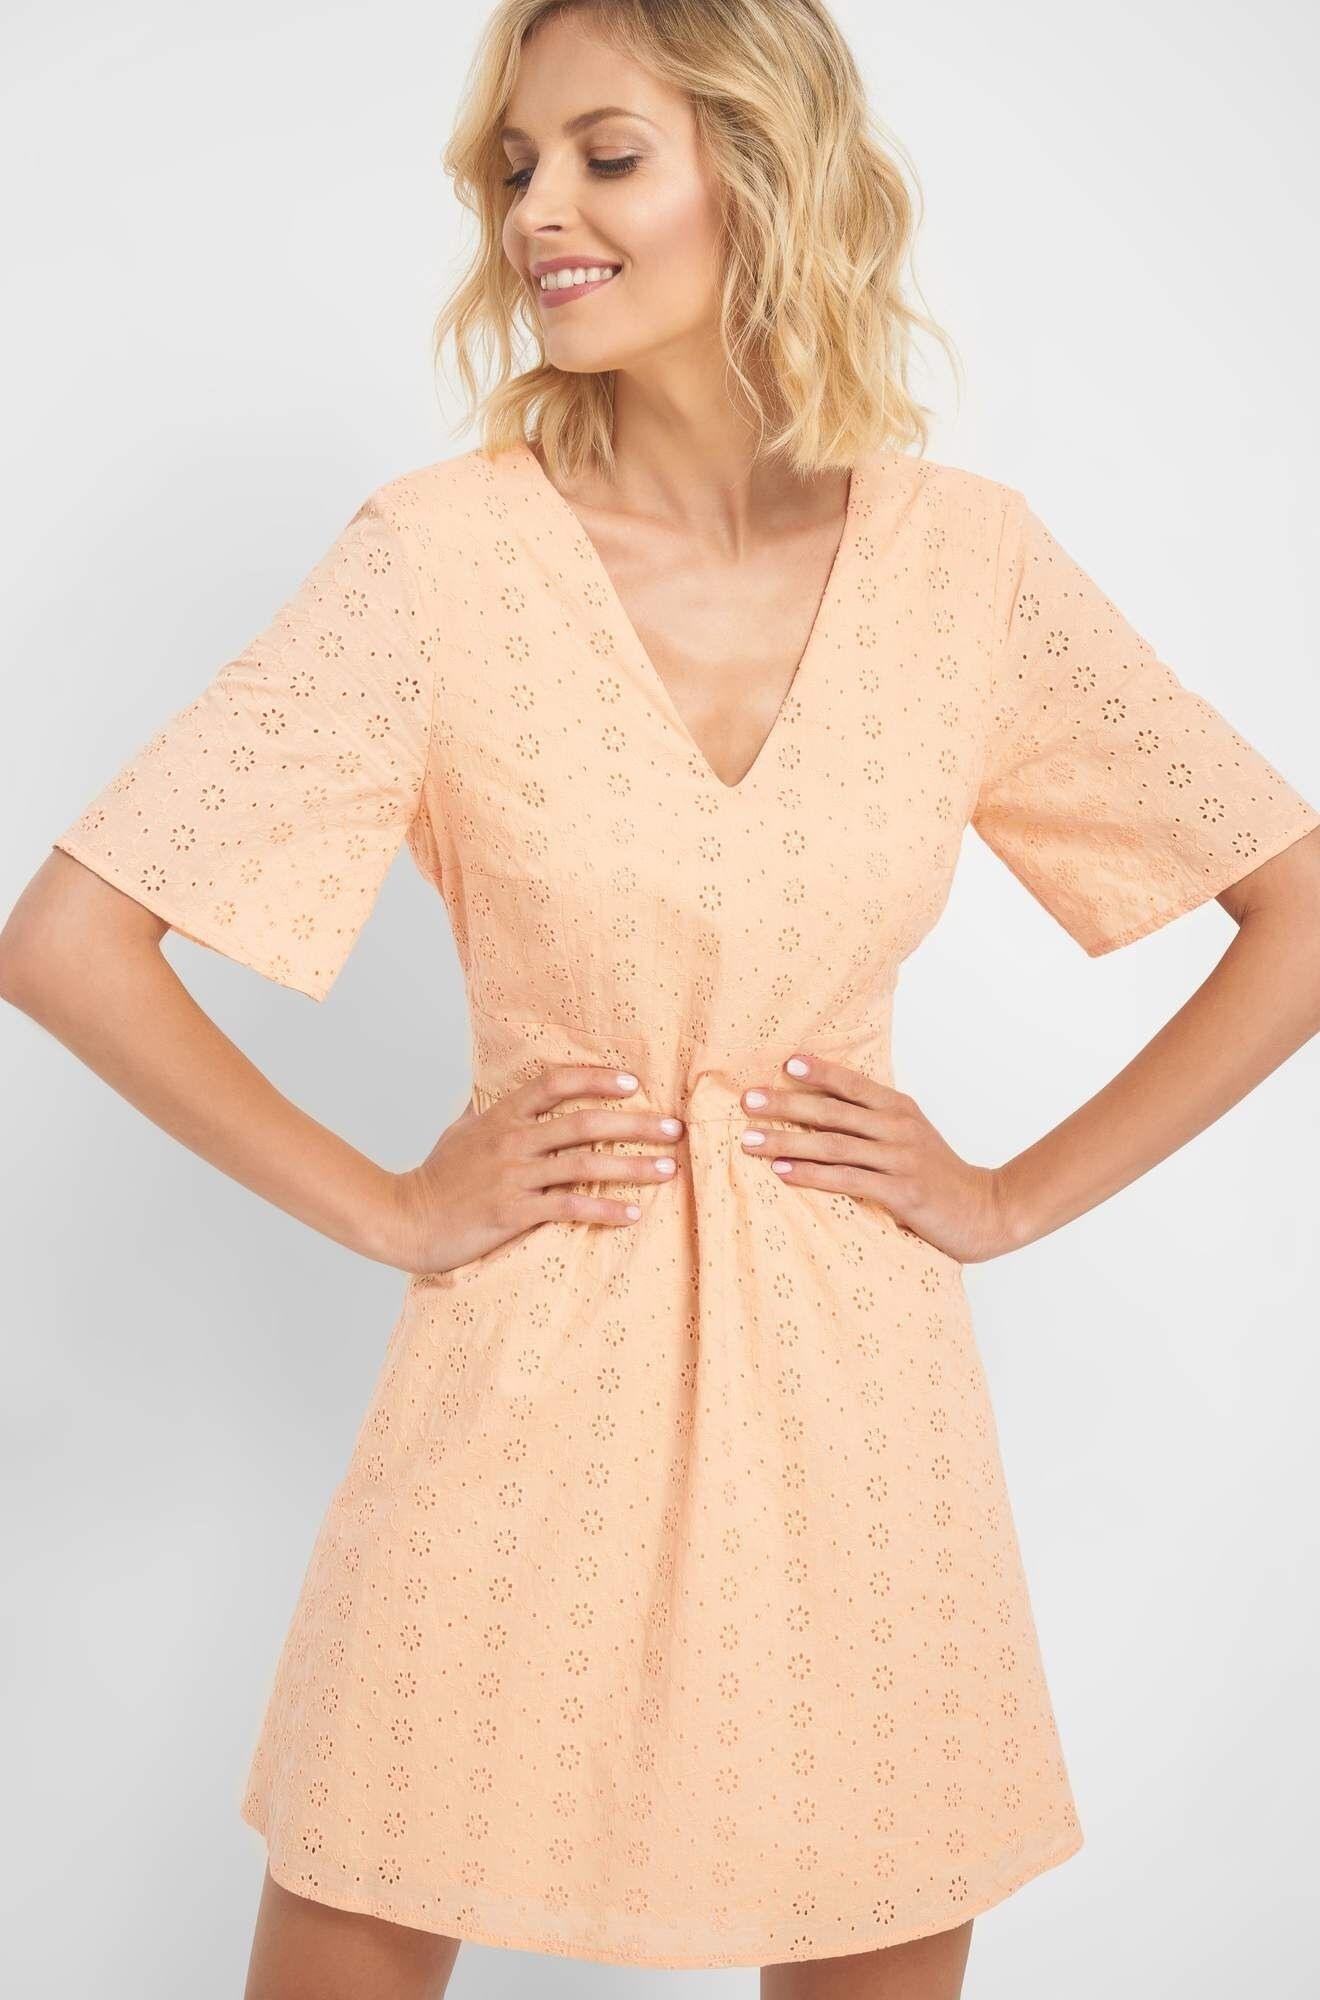 online store b3626 6d00b Formal Wunderbar Kleider Kaufen Design - Abendkleid